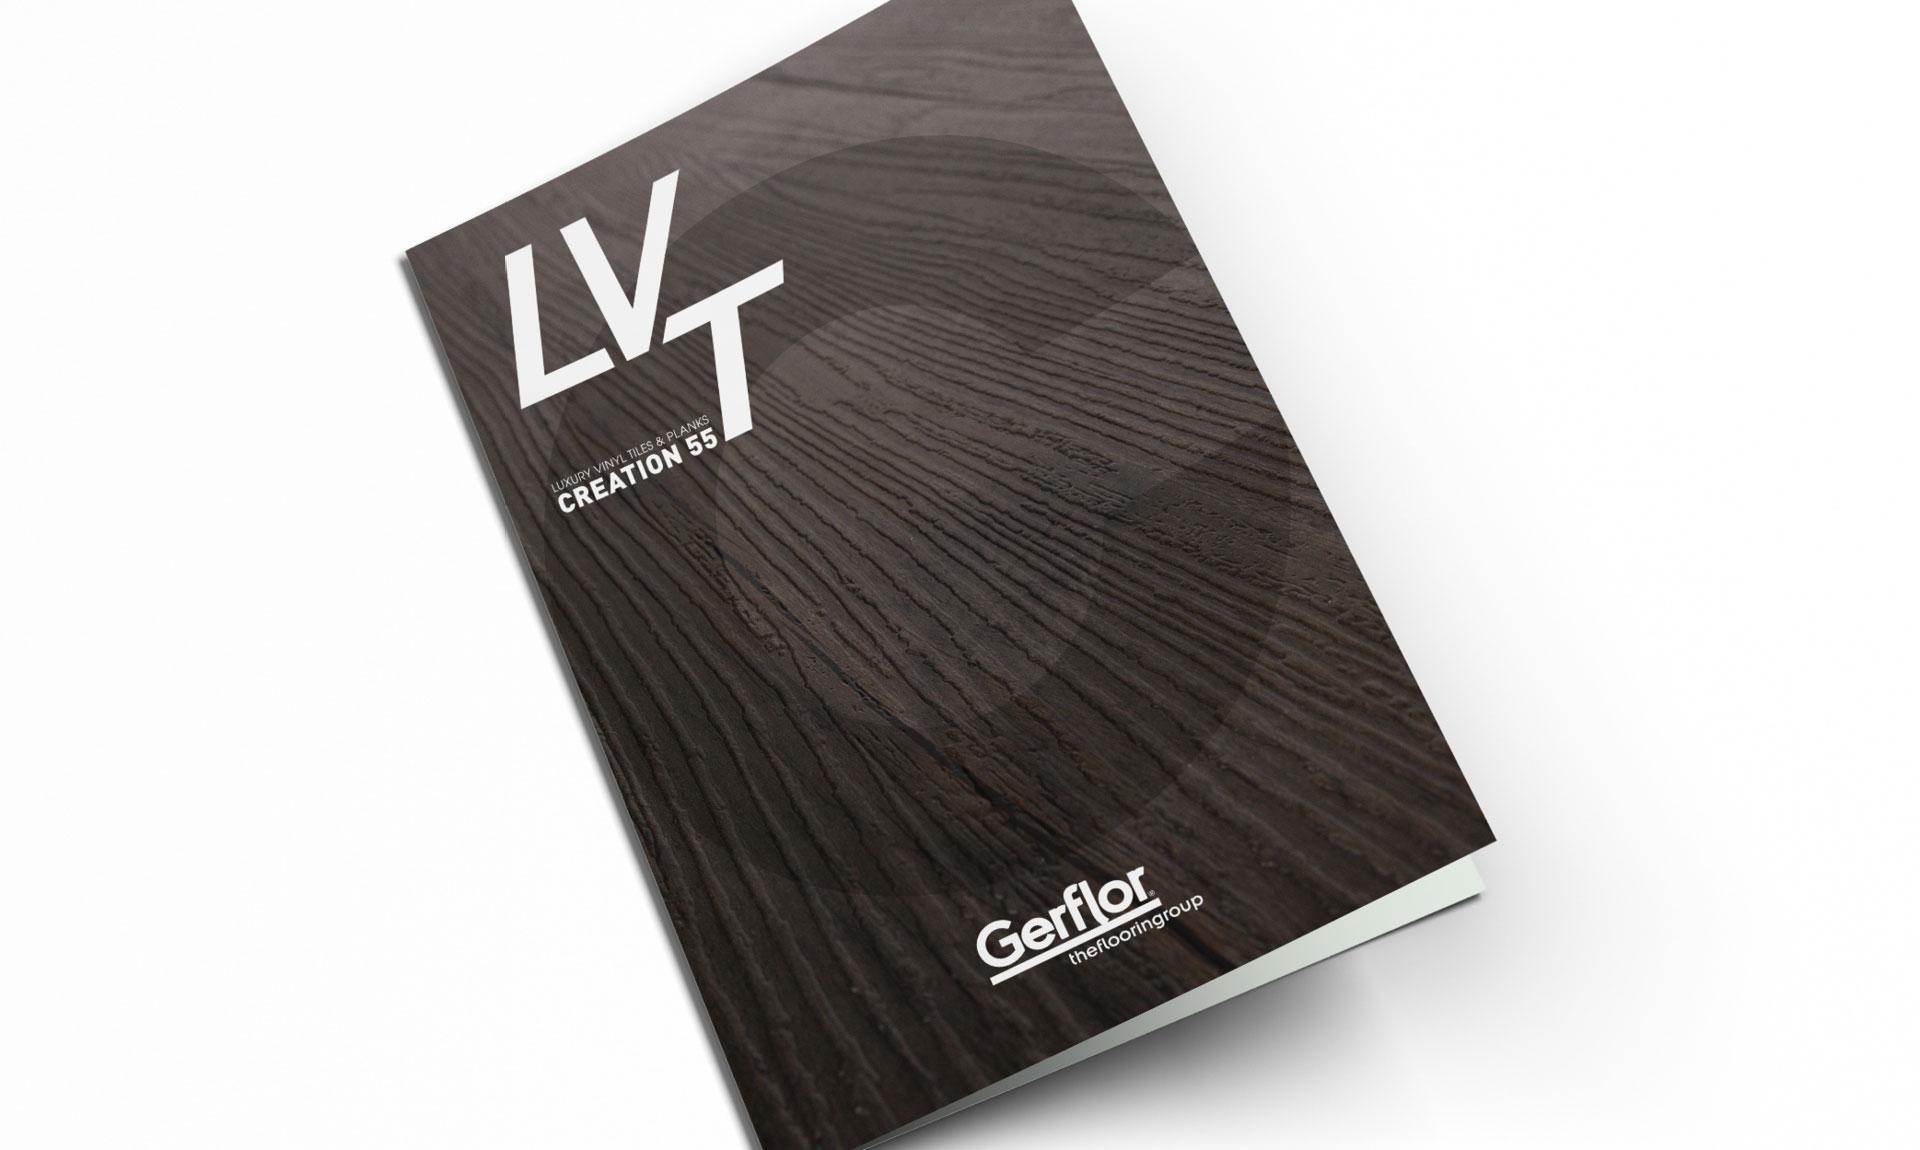 Gerflor - Brochure Design - Cover